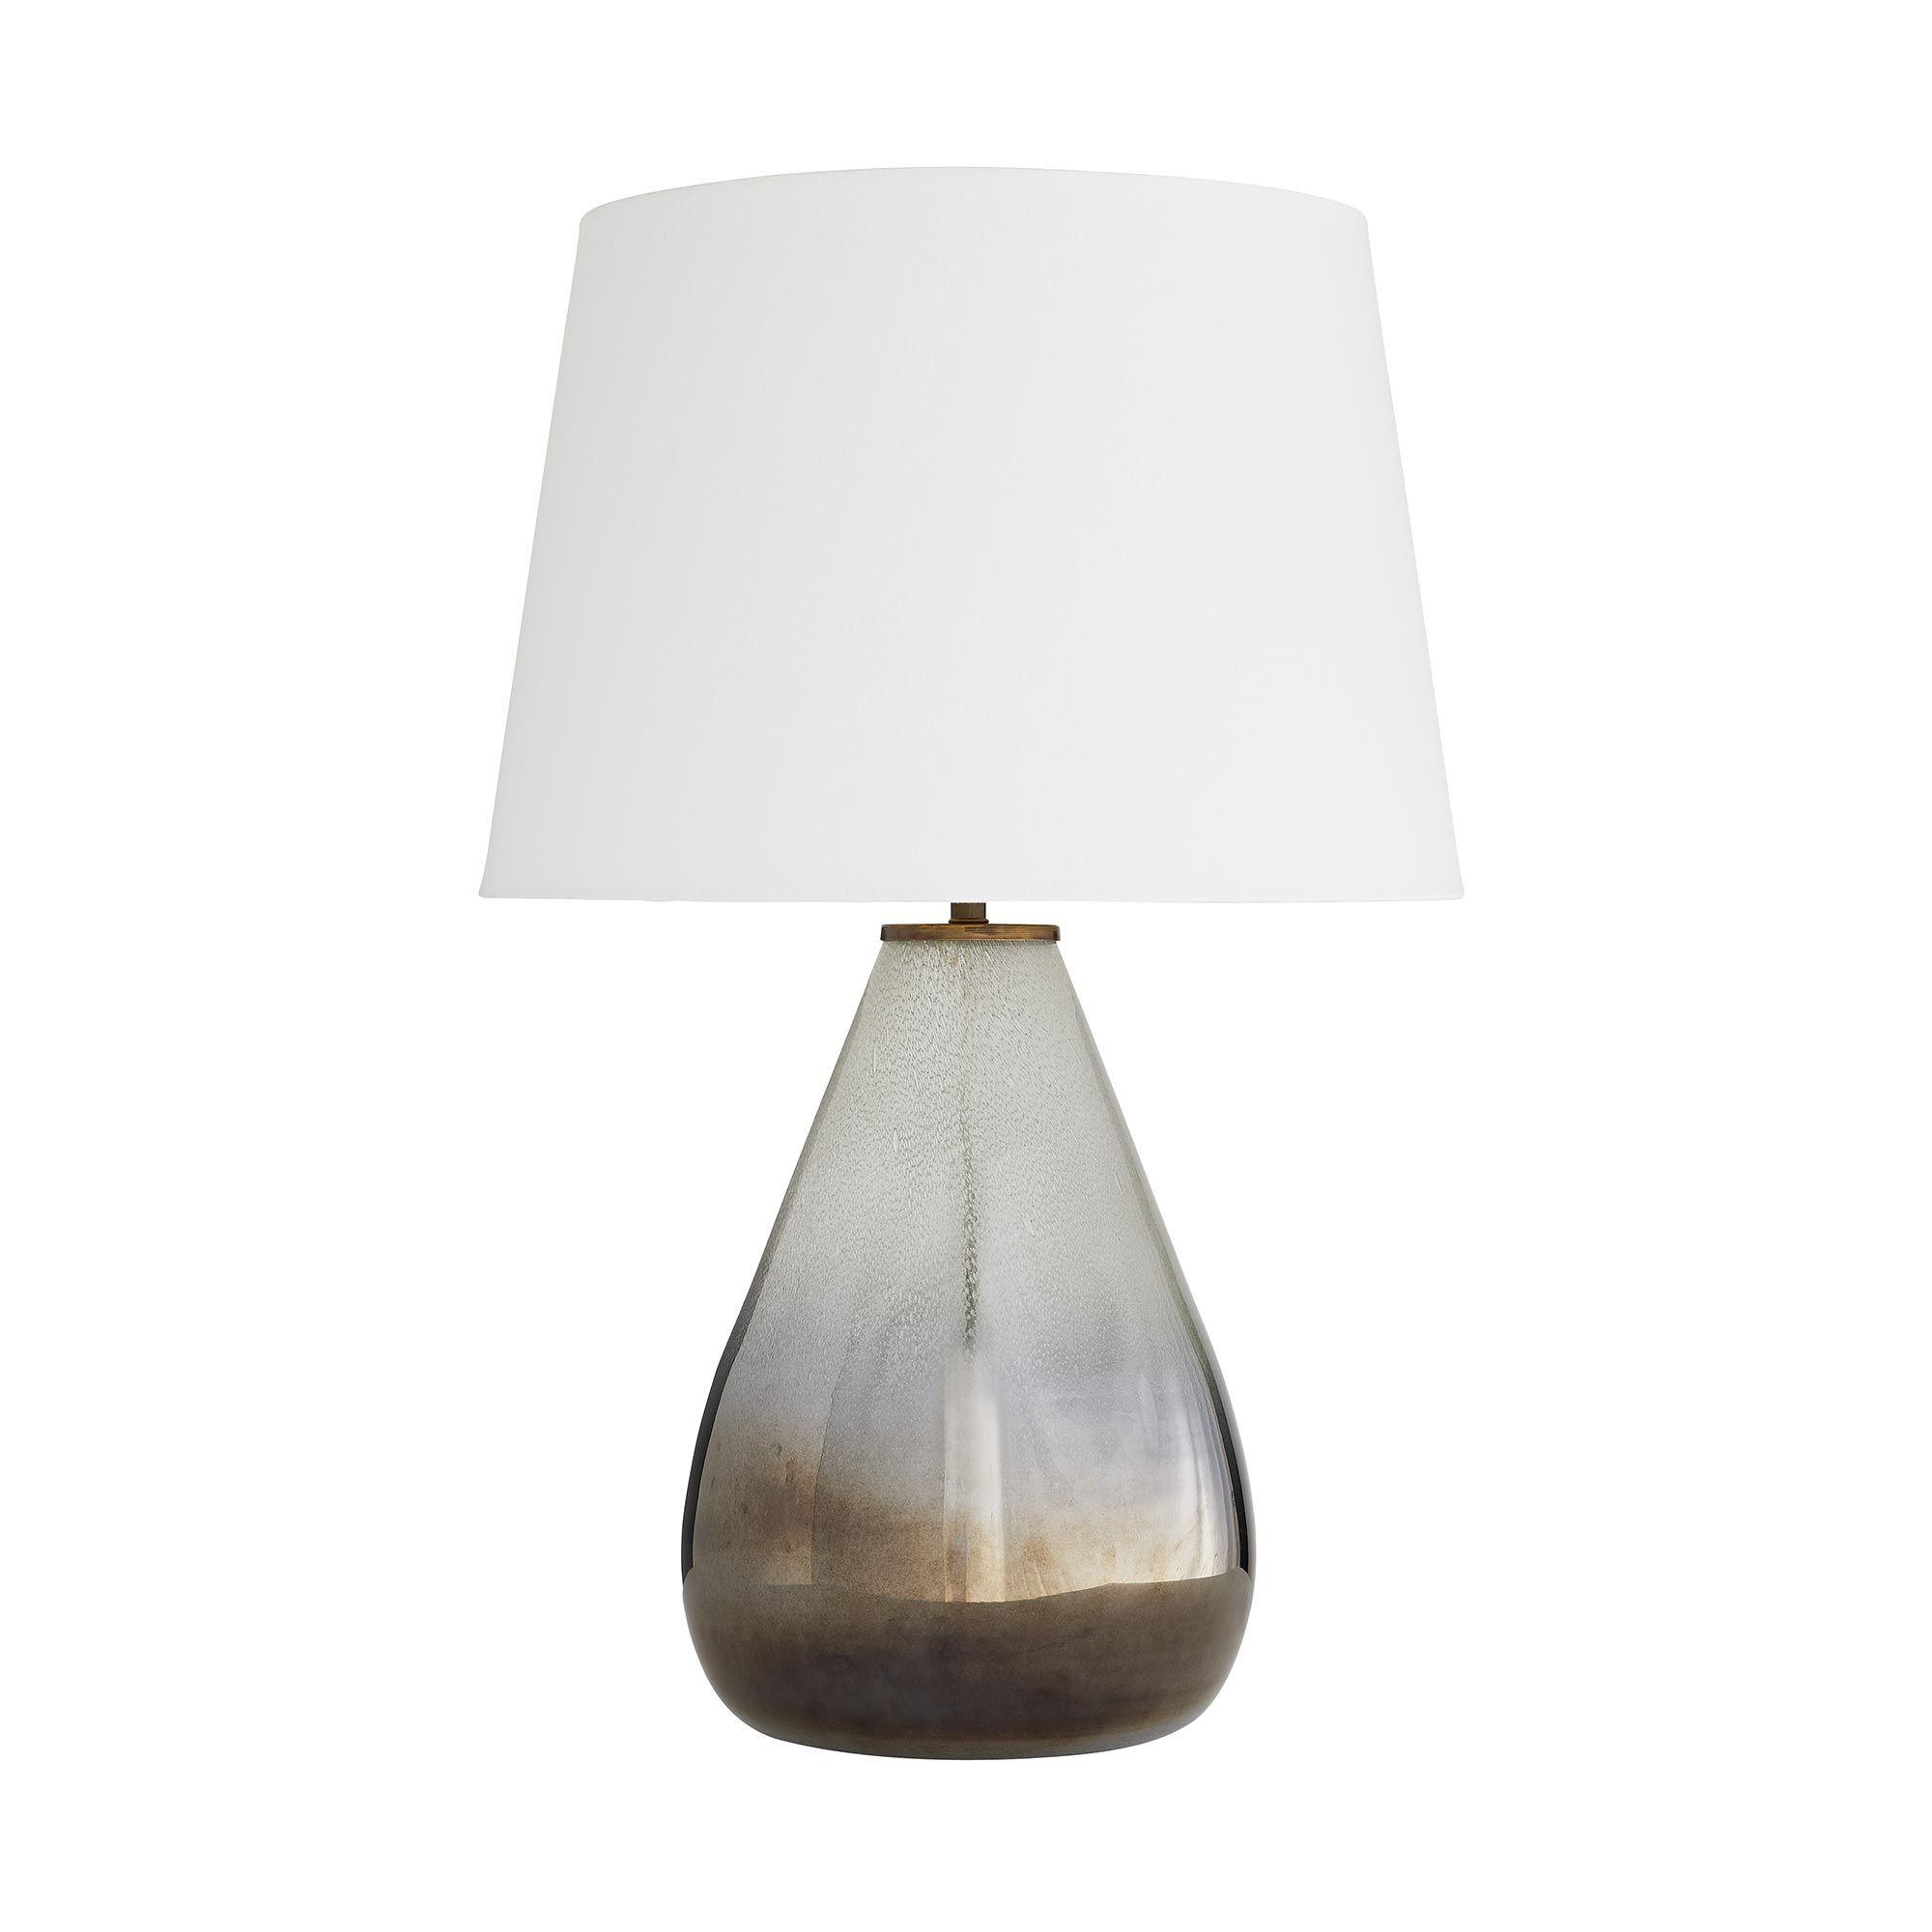 Tiber Lamp